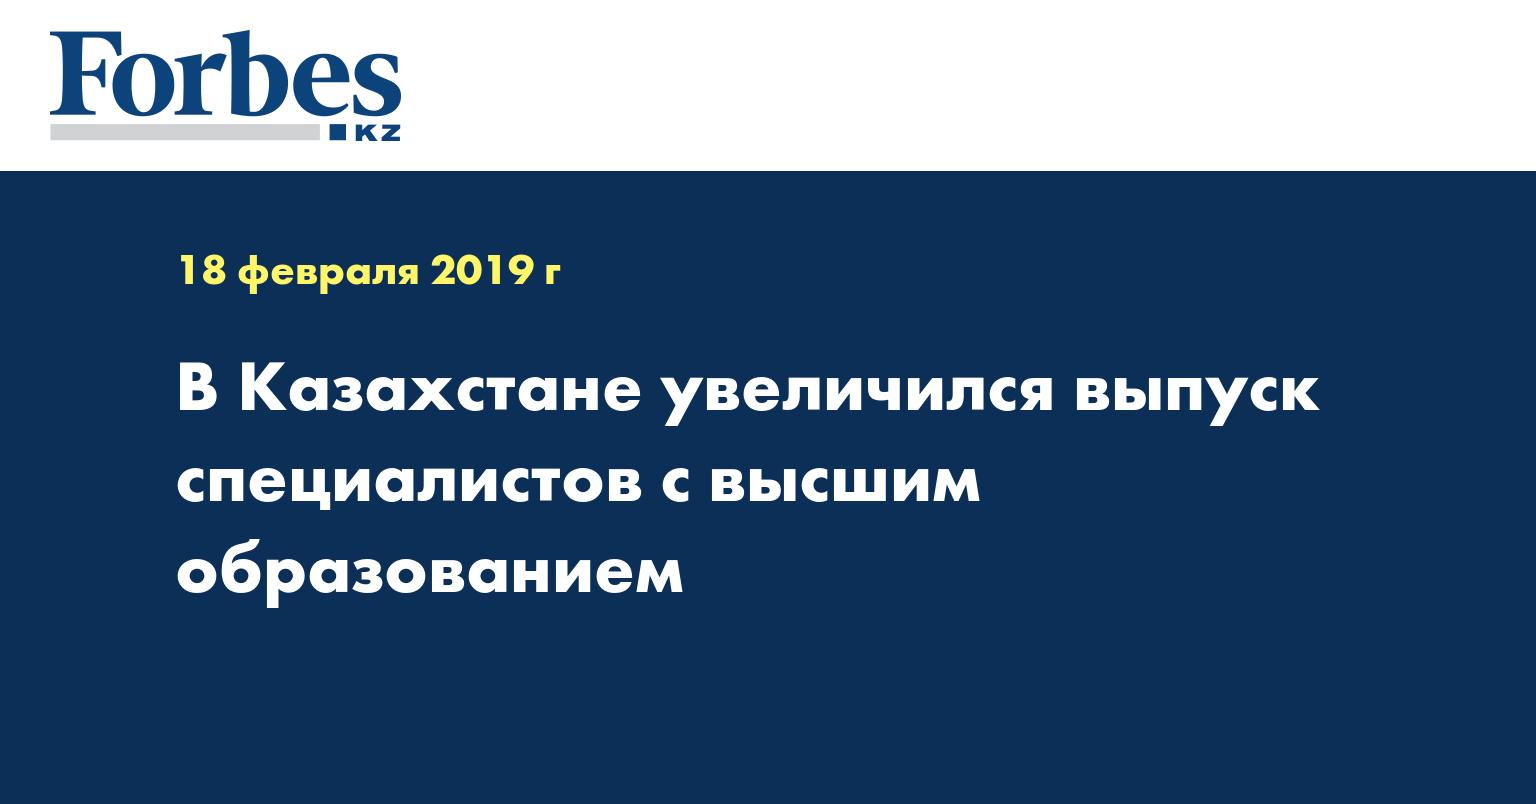 В Казахстане увеличился выпуск специалистов с высшим образованием